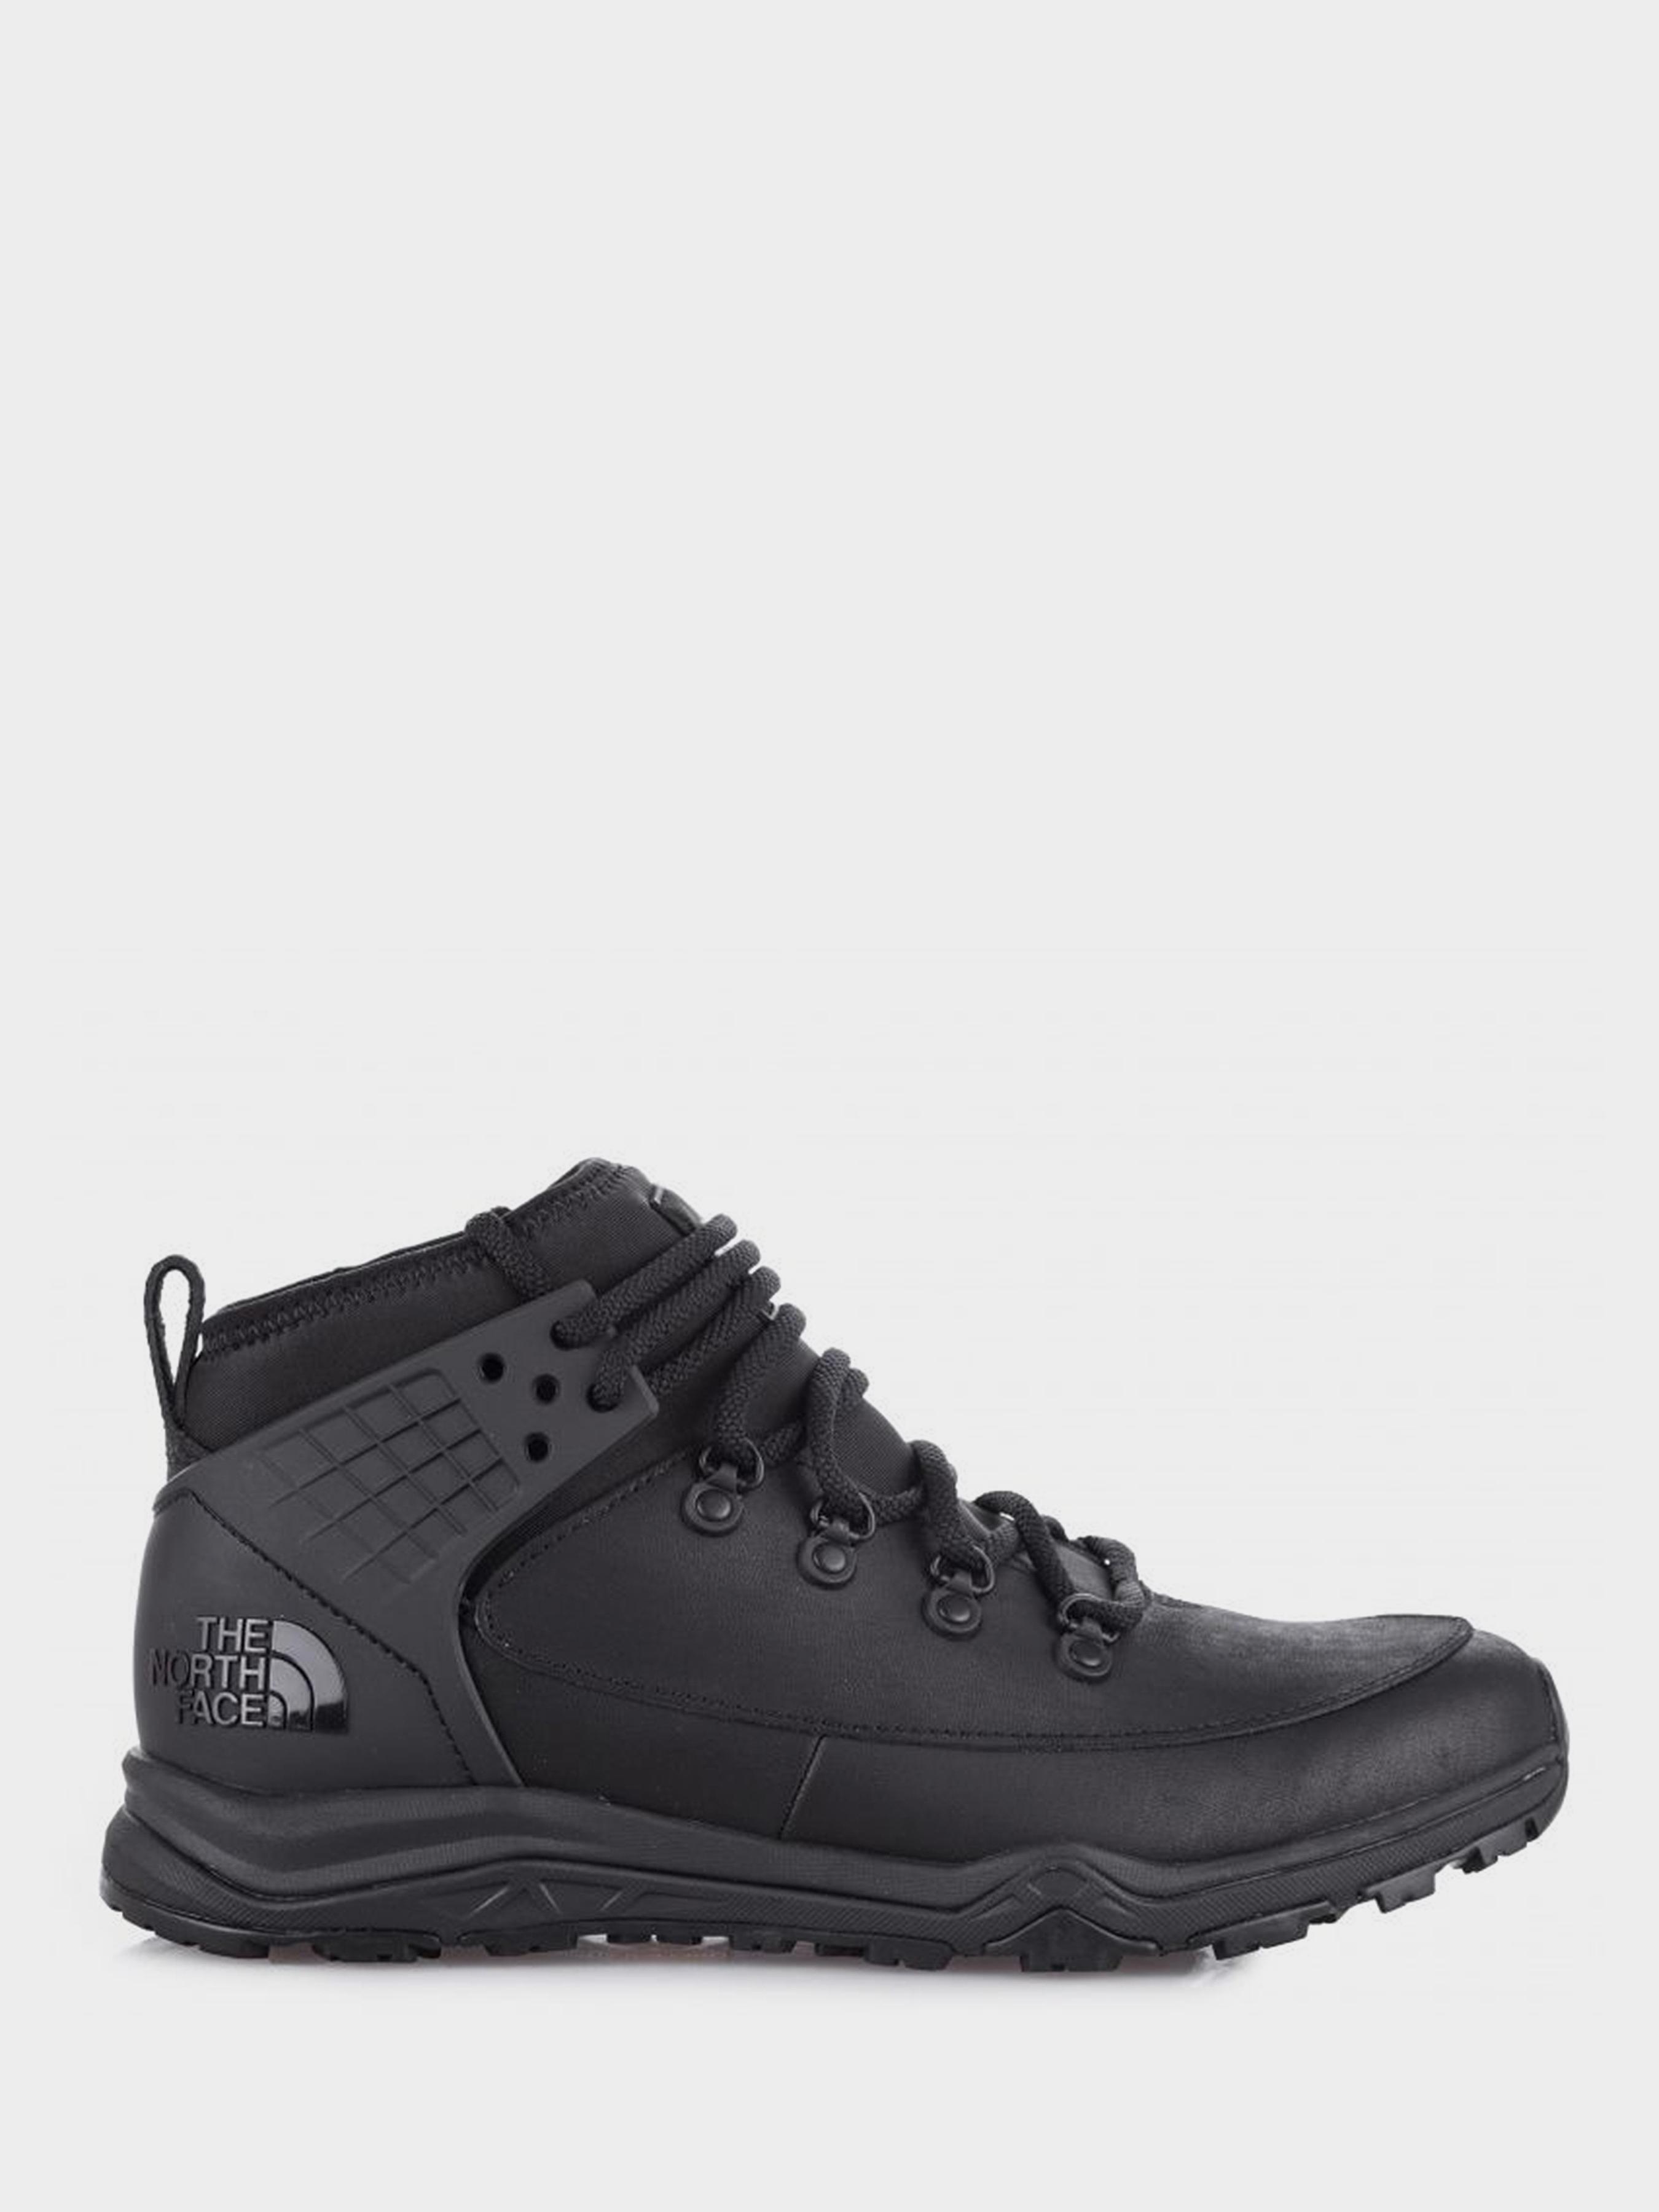 Купить Ботинки мужские The North Face DELLAN MID NT79, Черный